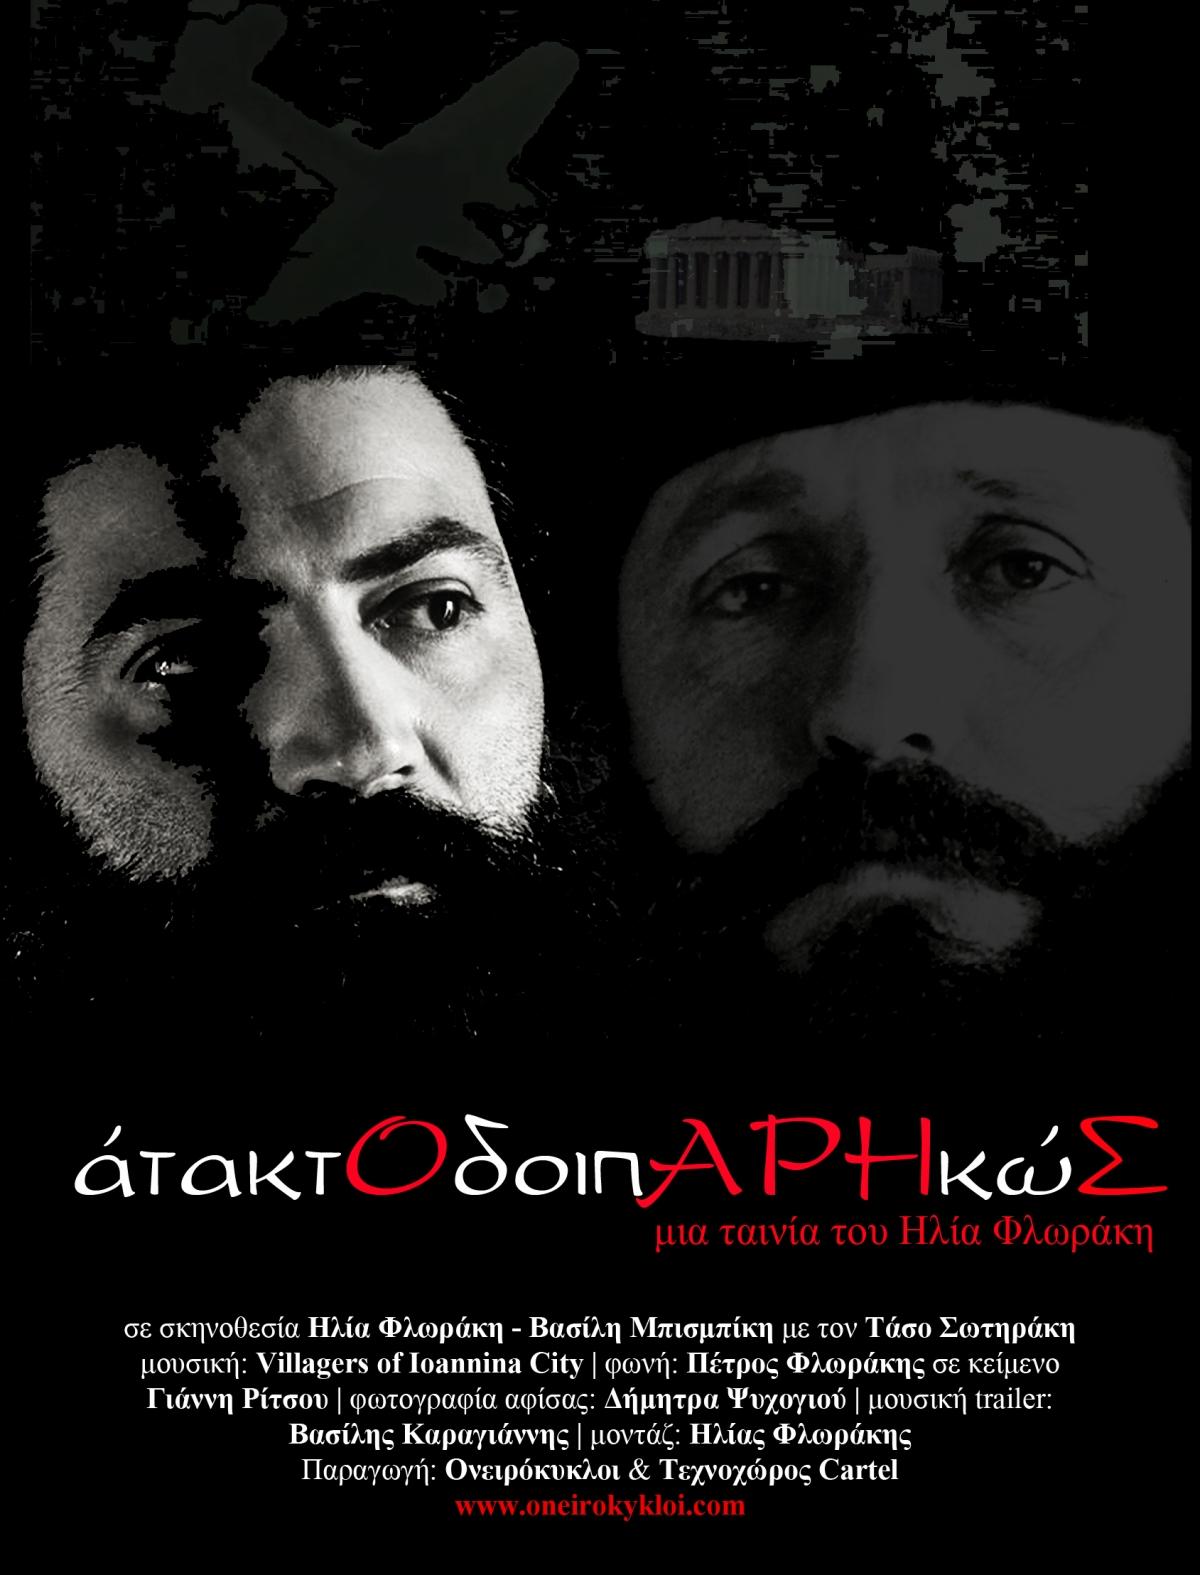 ατακτΟδοιπΑΡΗκώΣ (2018)